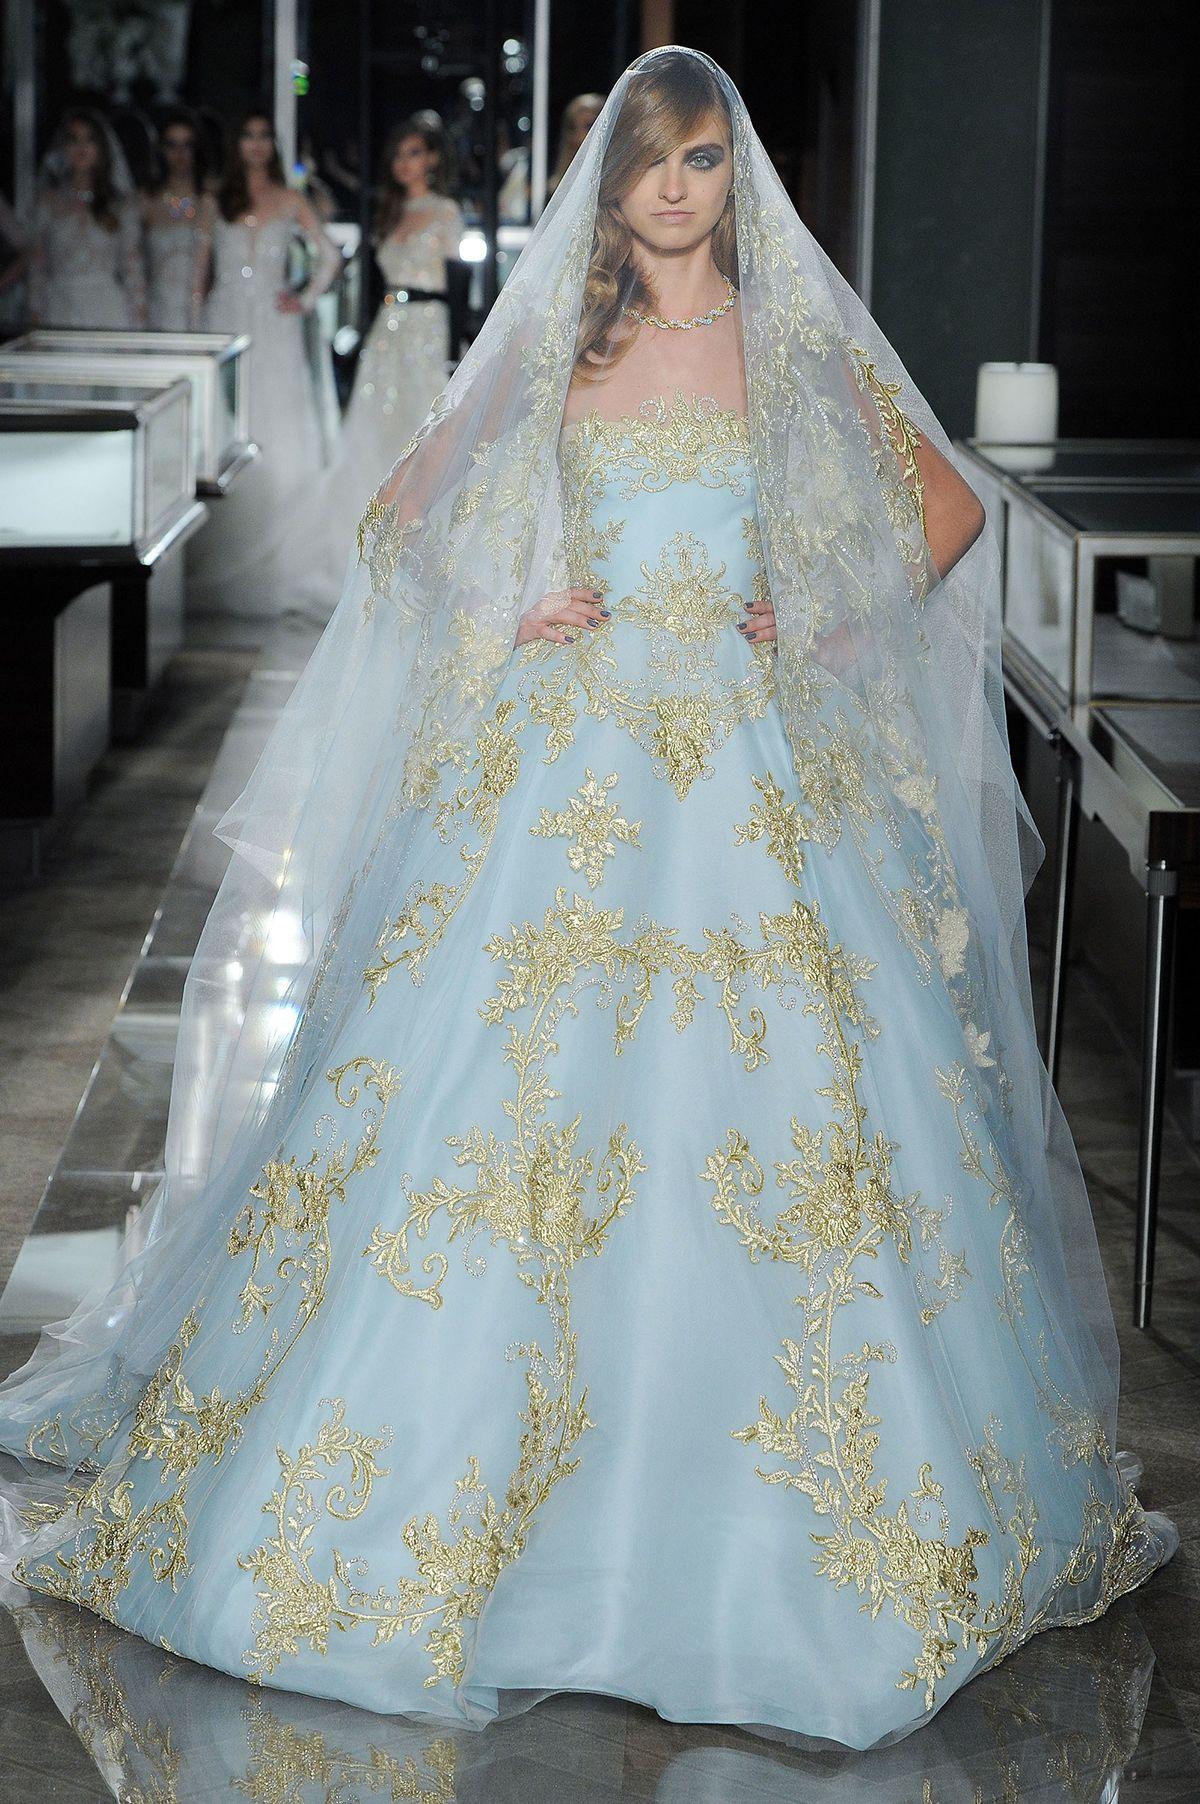 Charming Vestidos De Novia Valladolid Pictures Inspiration - Wedding ...